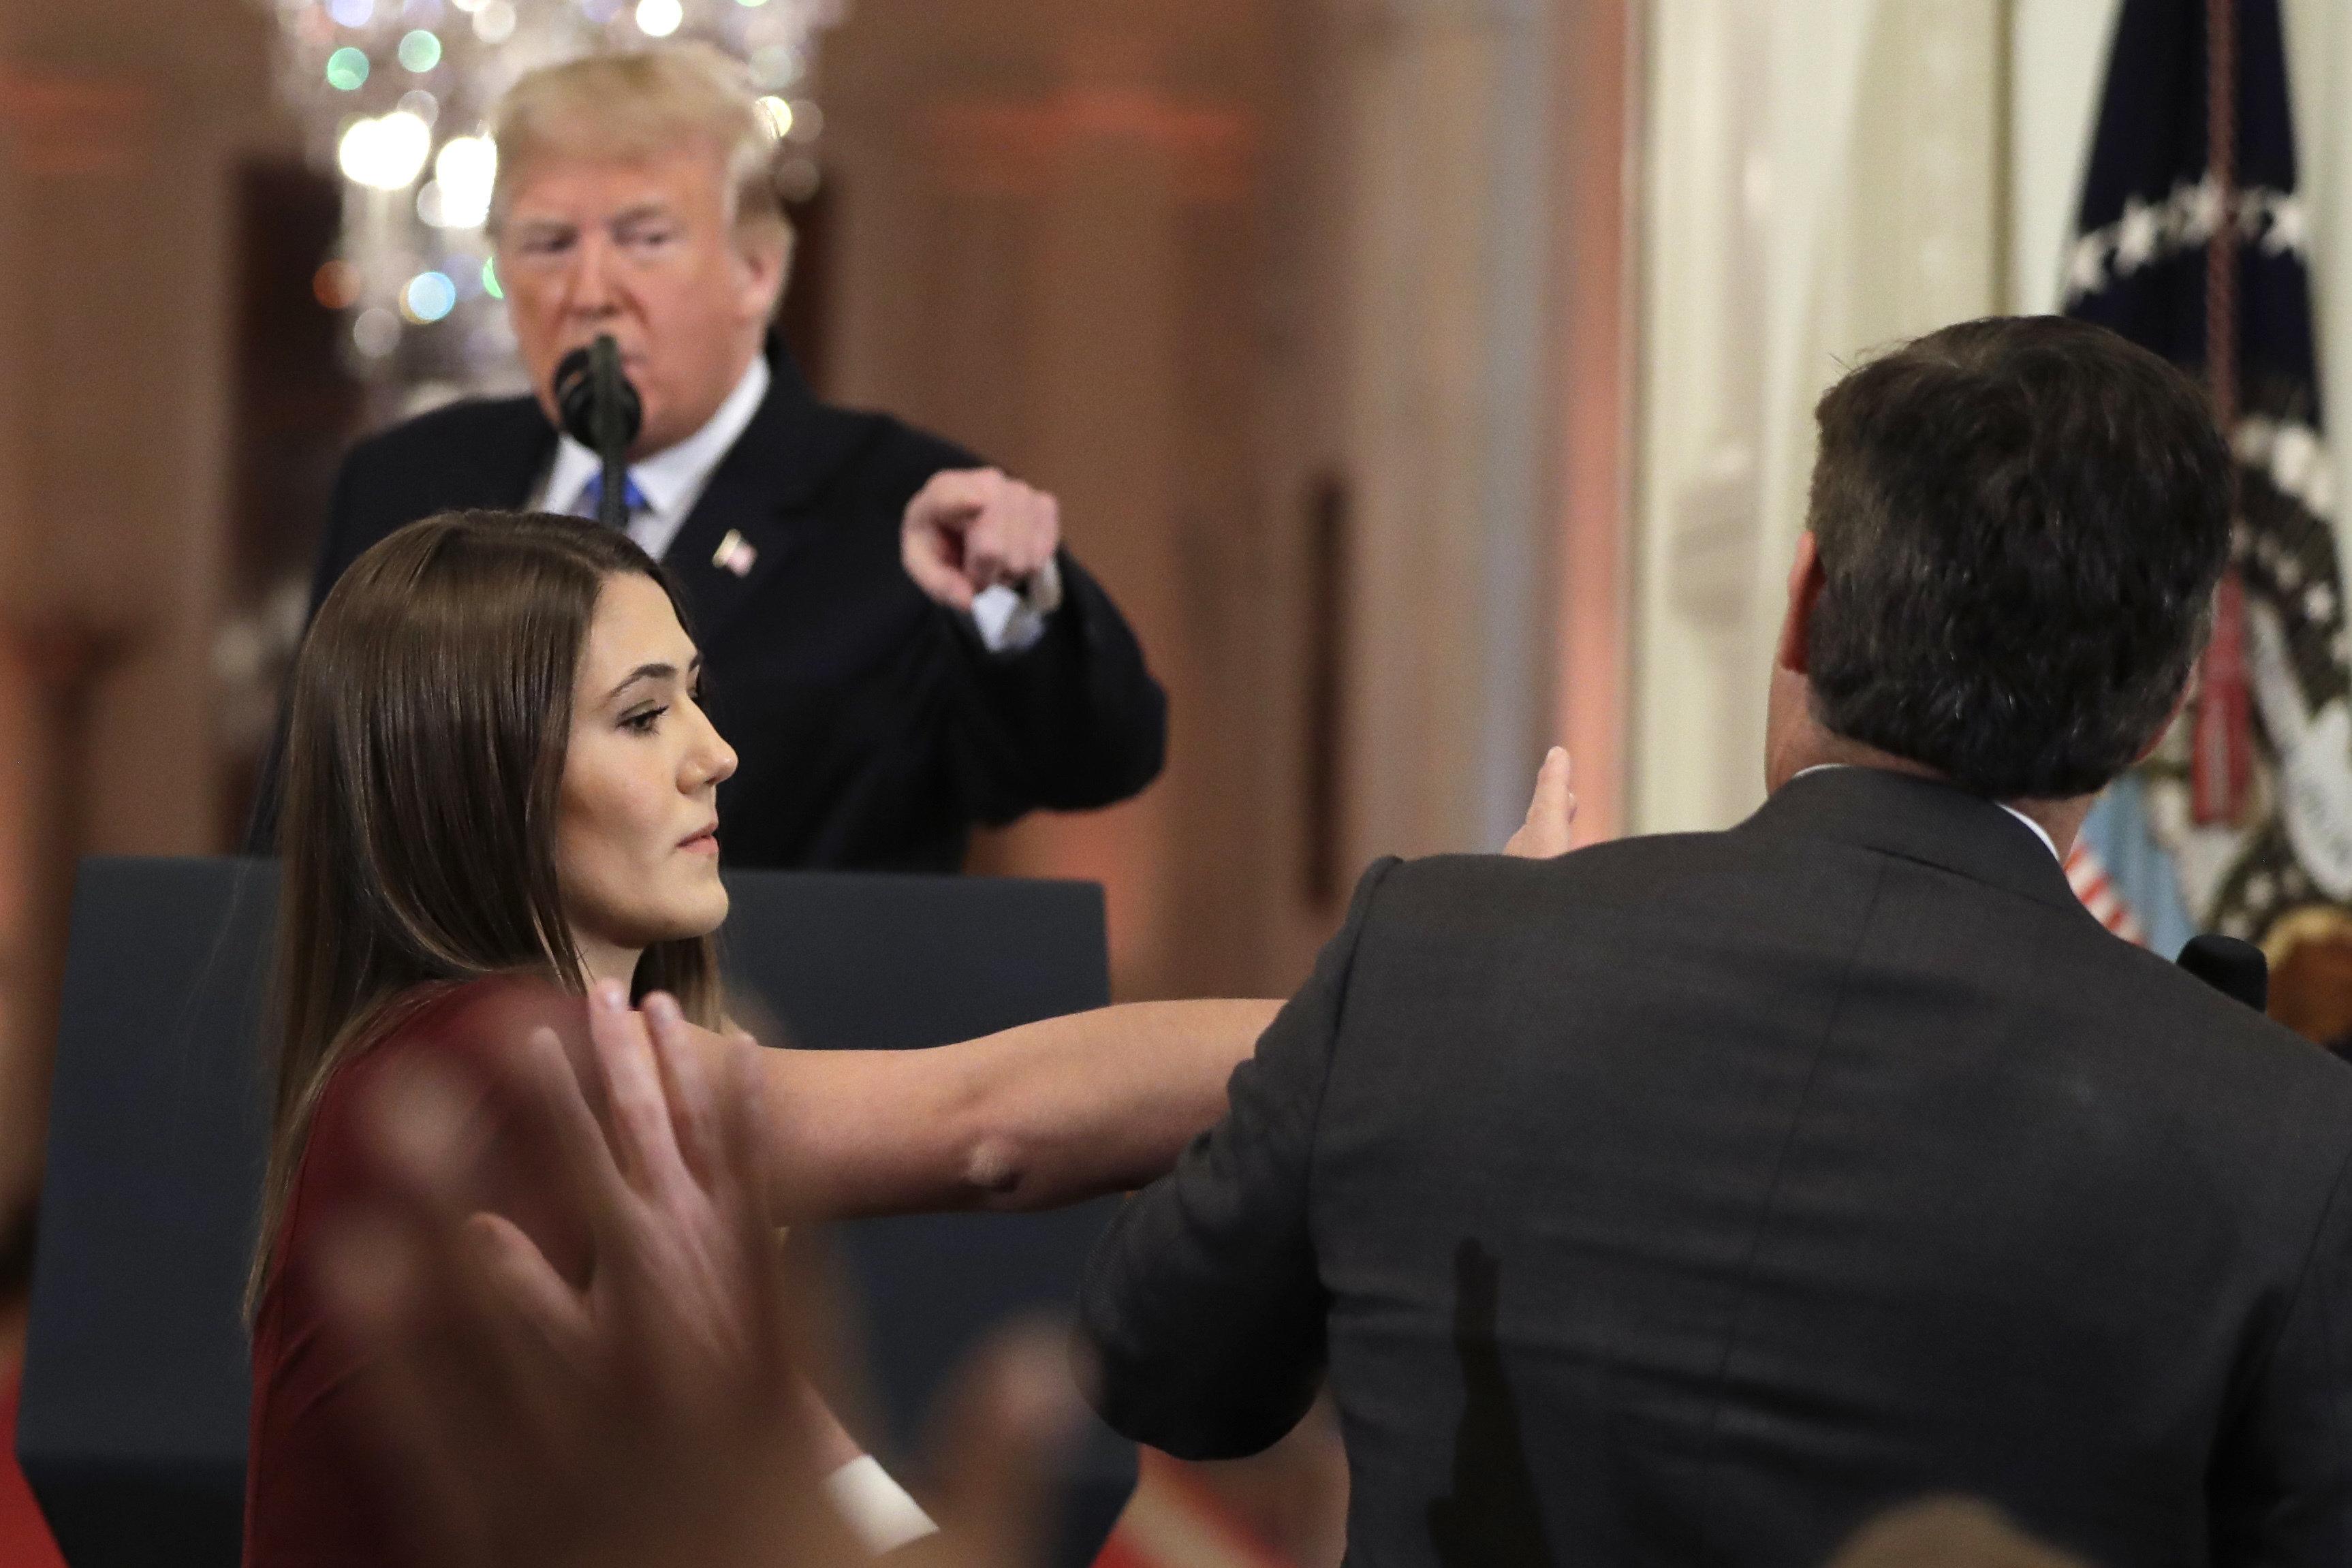 Θερμό επεισόδιο μεταξύ Τραμπ και δημοσιογράφου του CNN: «Είσαι απαίσιος και αγενής»